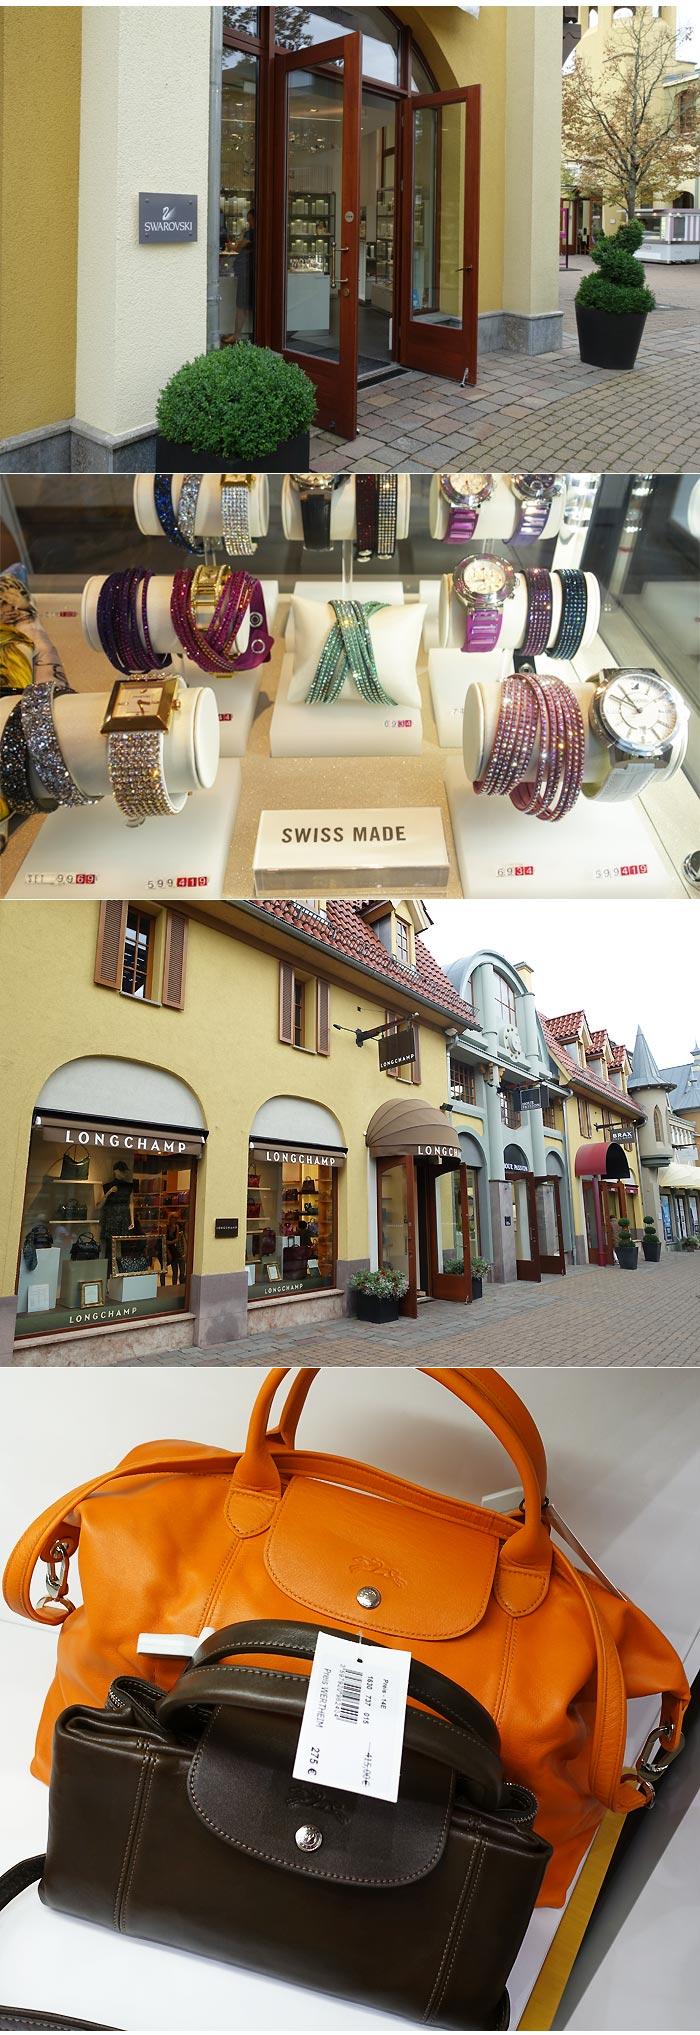 Wertheim Village alemanha - Wertheim-Village--alemanha